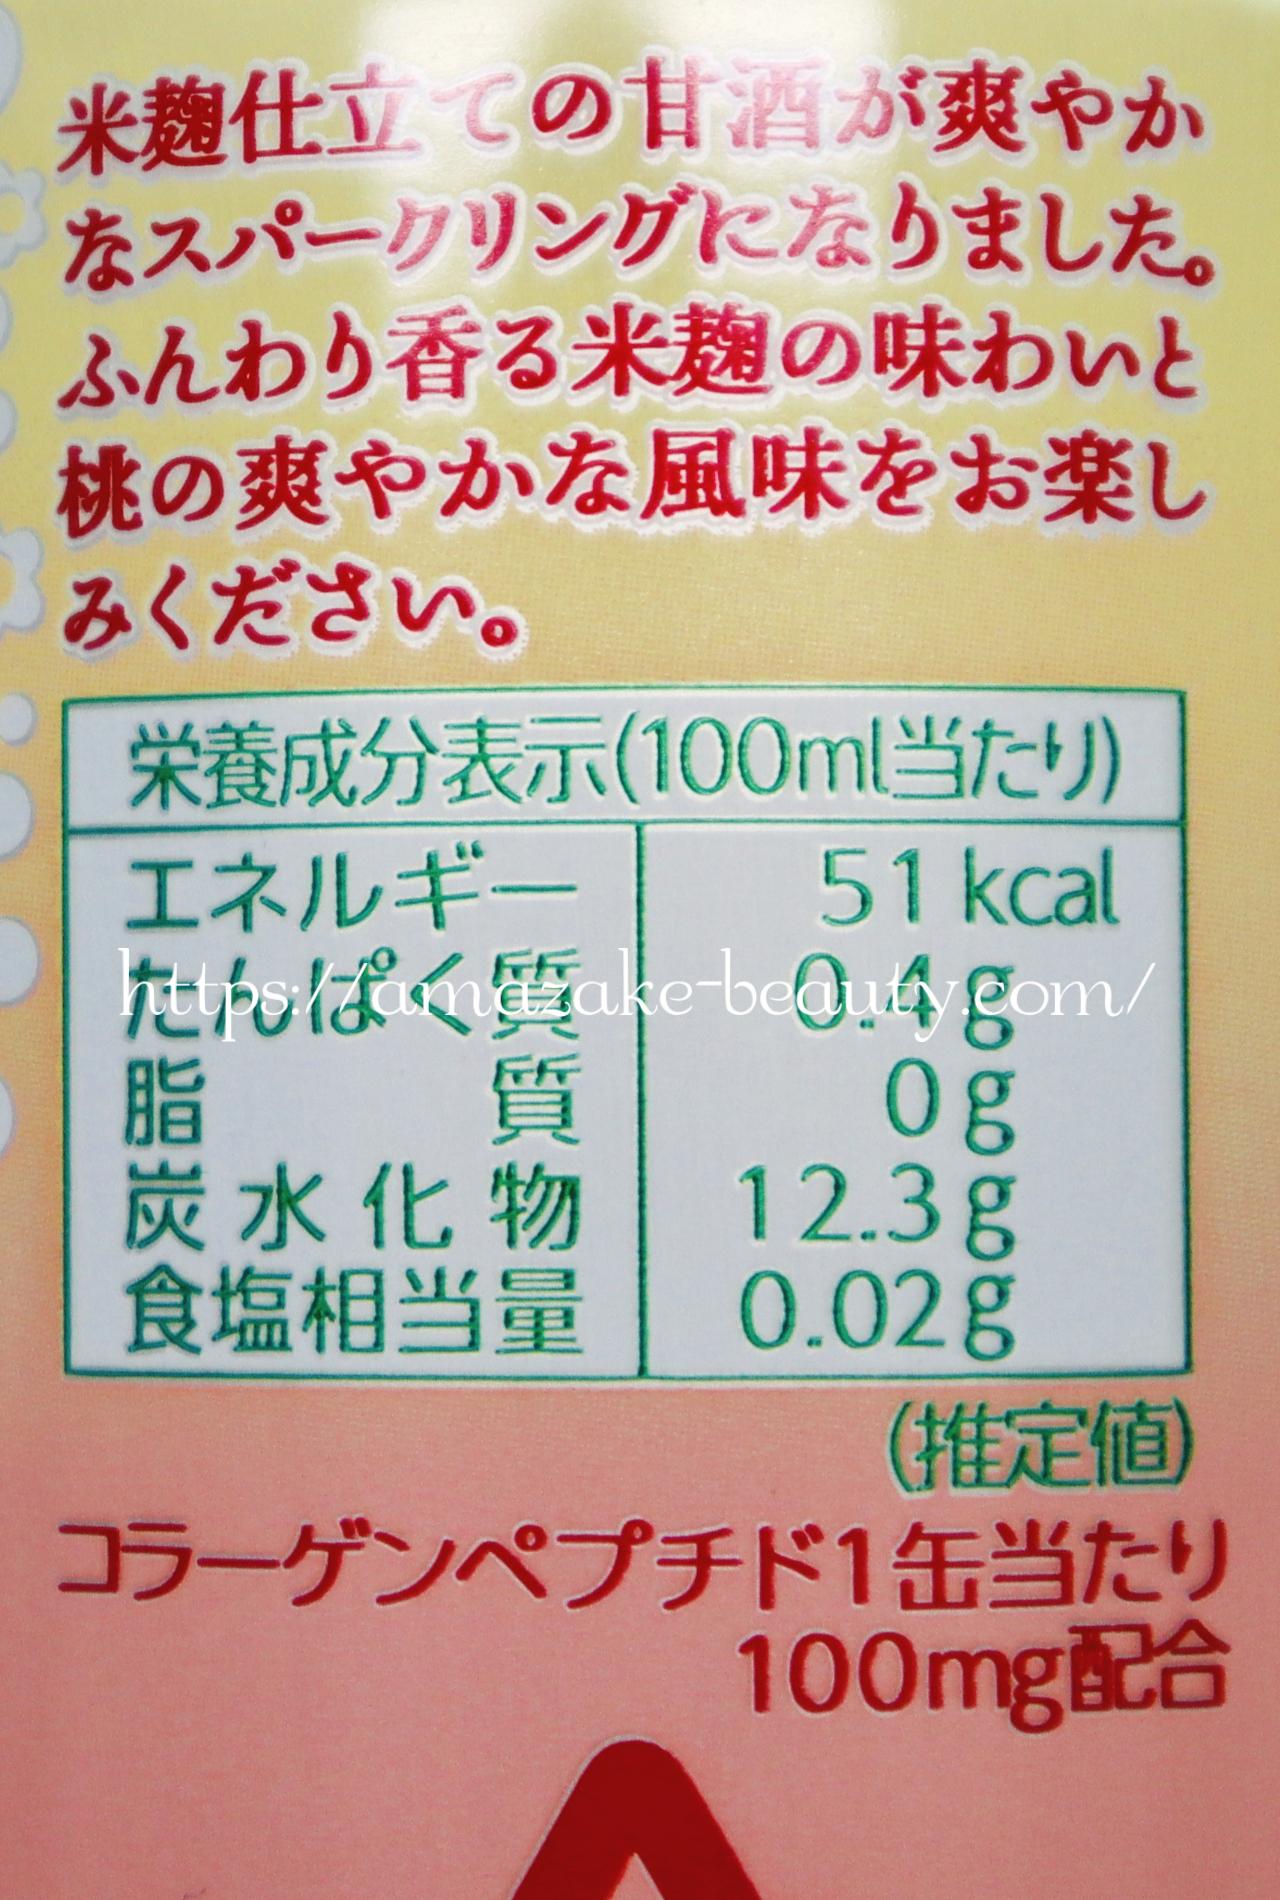 [amazake]morinaga seika[komekoji amazake supakuringu[pichi]](nutrition information)